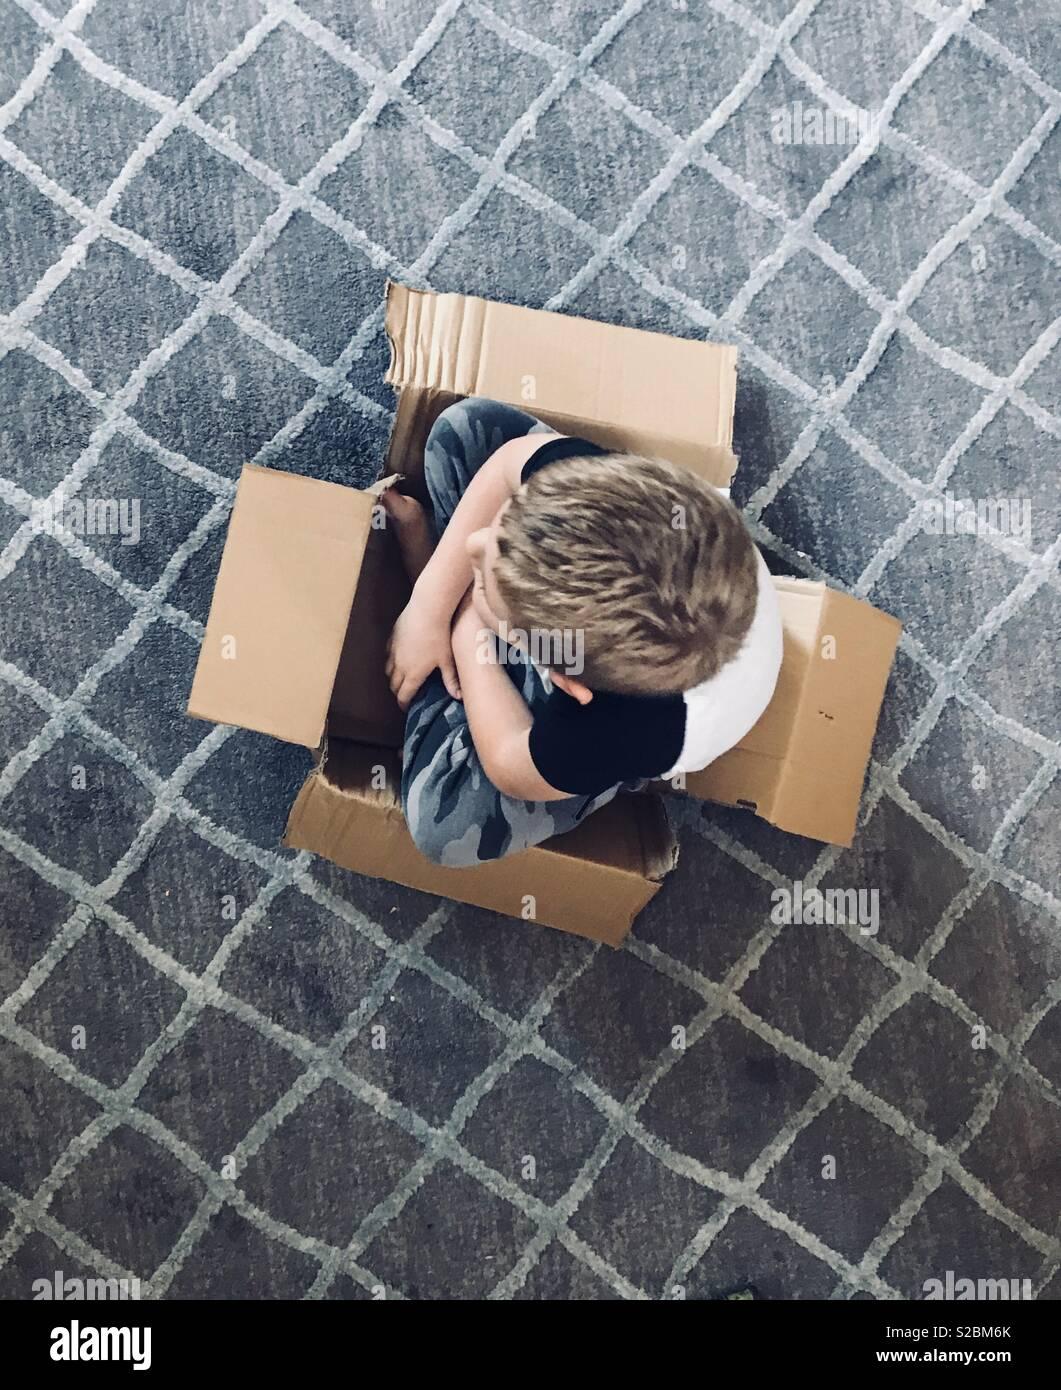 Niño sentado en su auto de carrera caja de cartón viendo la televisión, jugando a fingir Imagen De Stock